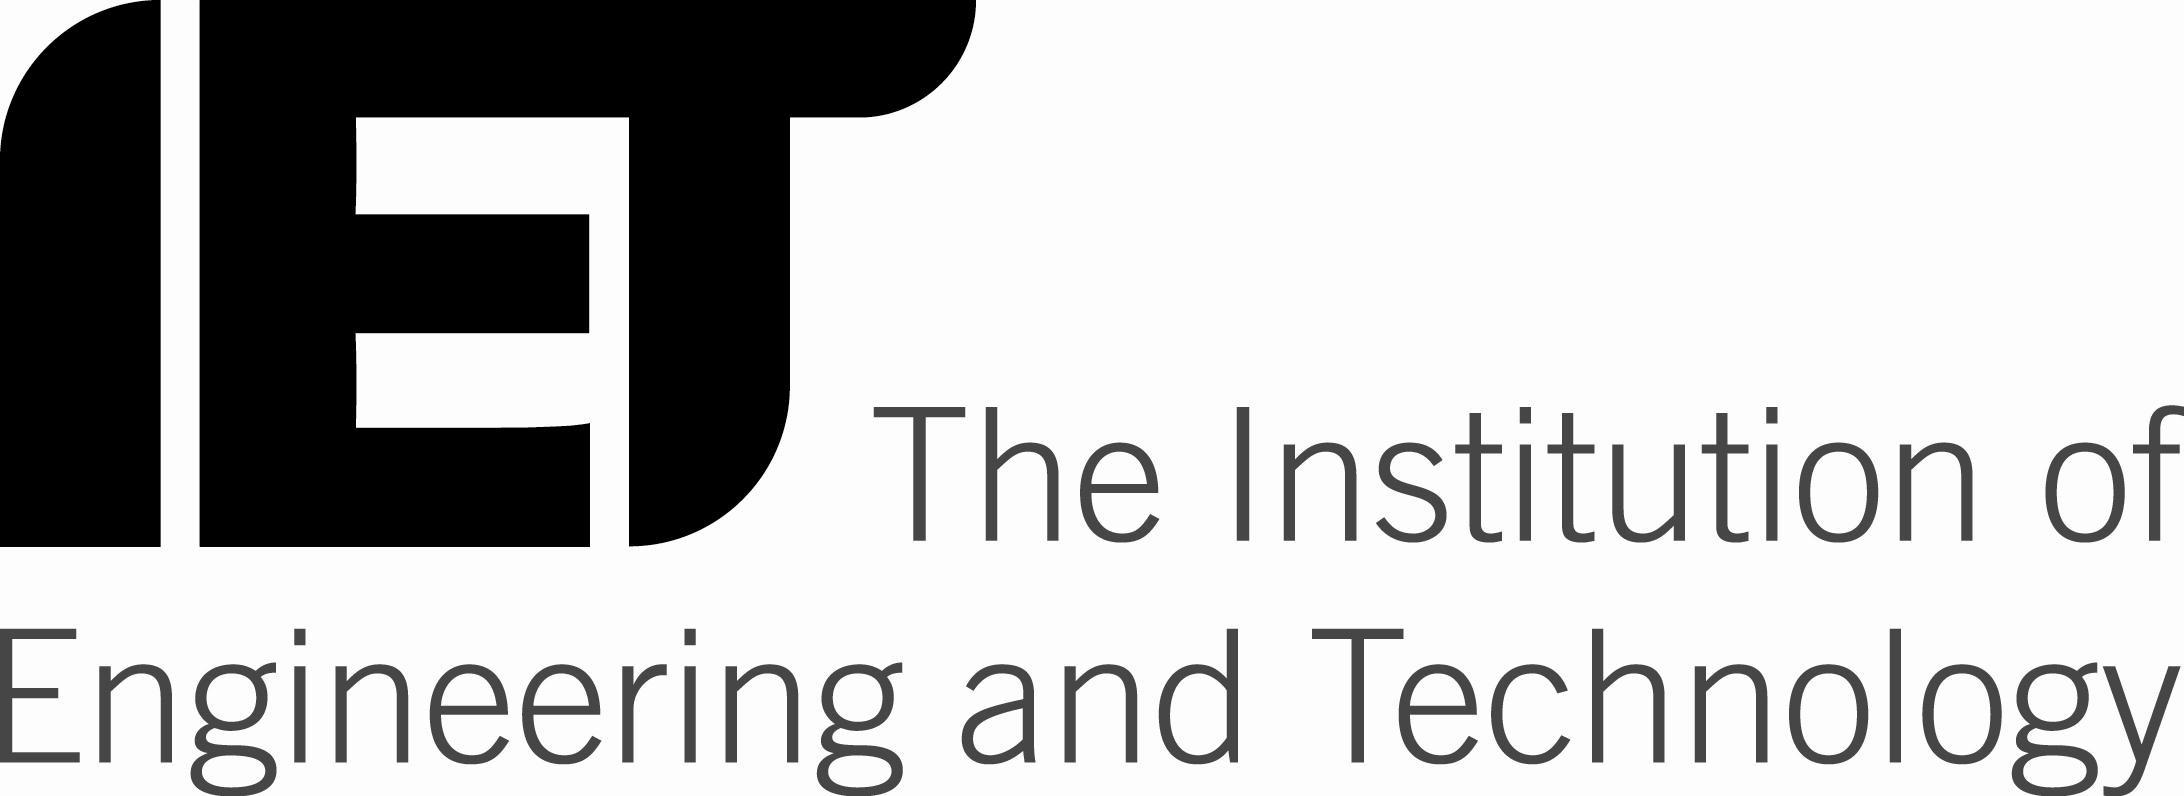 IET master logo.JPG